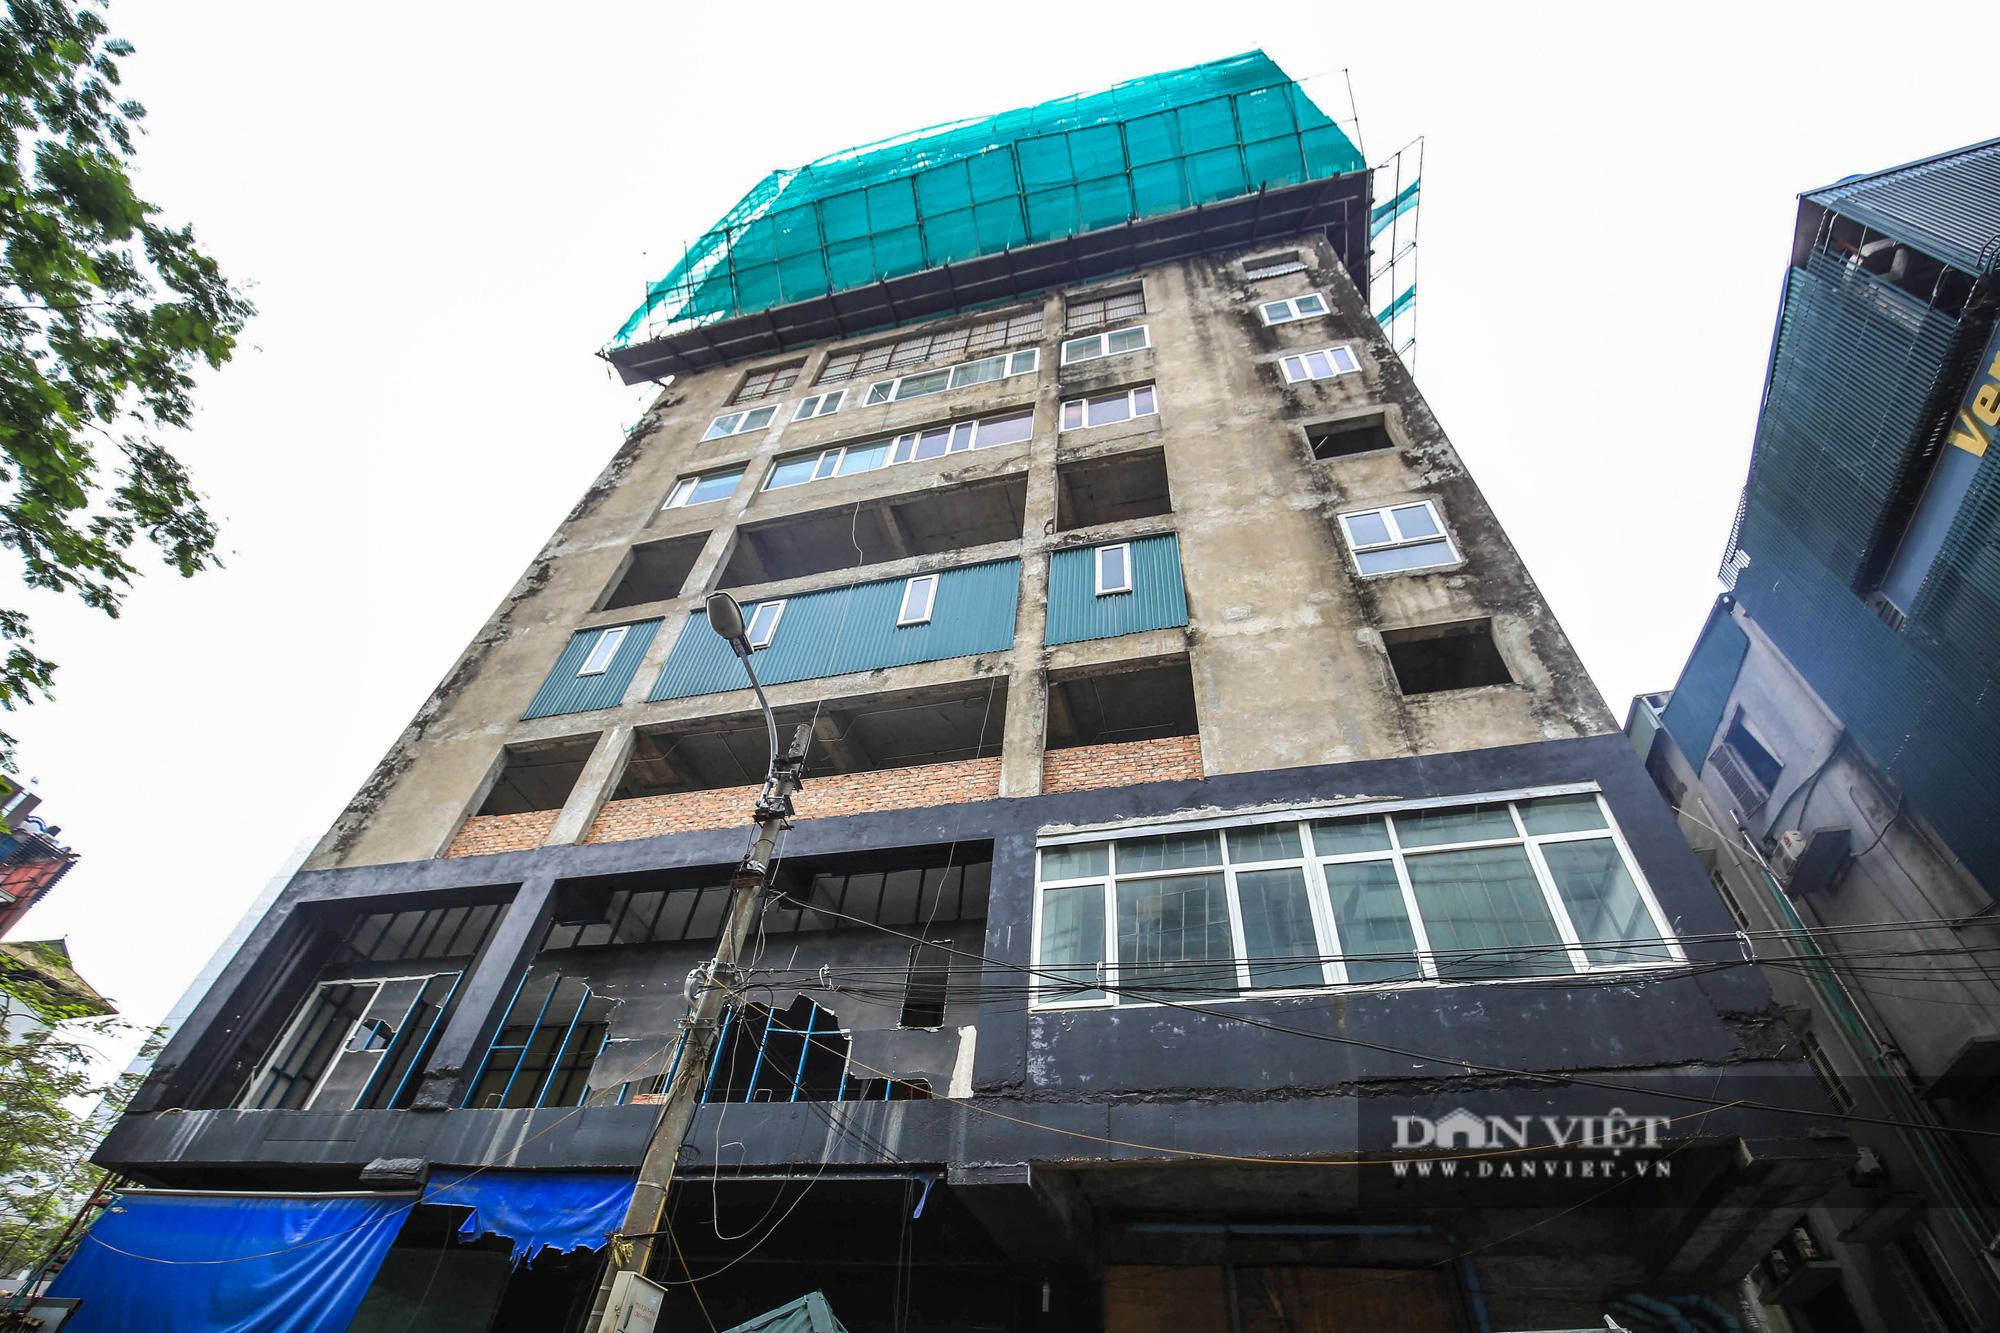 """Toàn cảnh dự án cao ốc 131 Thái Hà bị """"lãng quên"""" hơn 1 thập kỷ - Ảnh 5."""